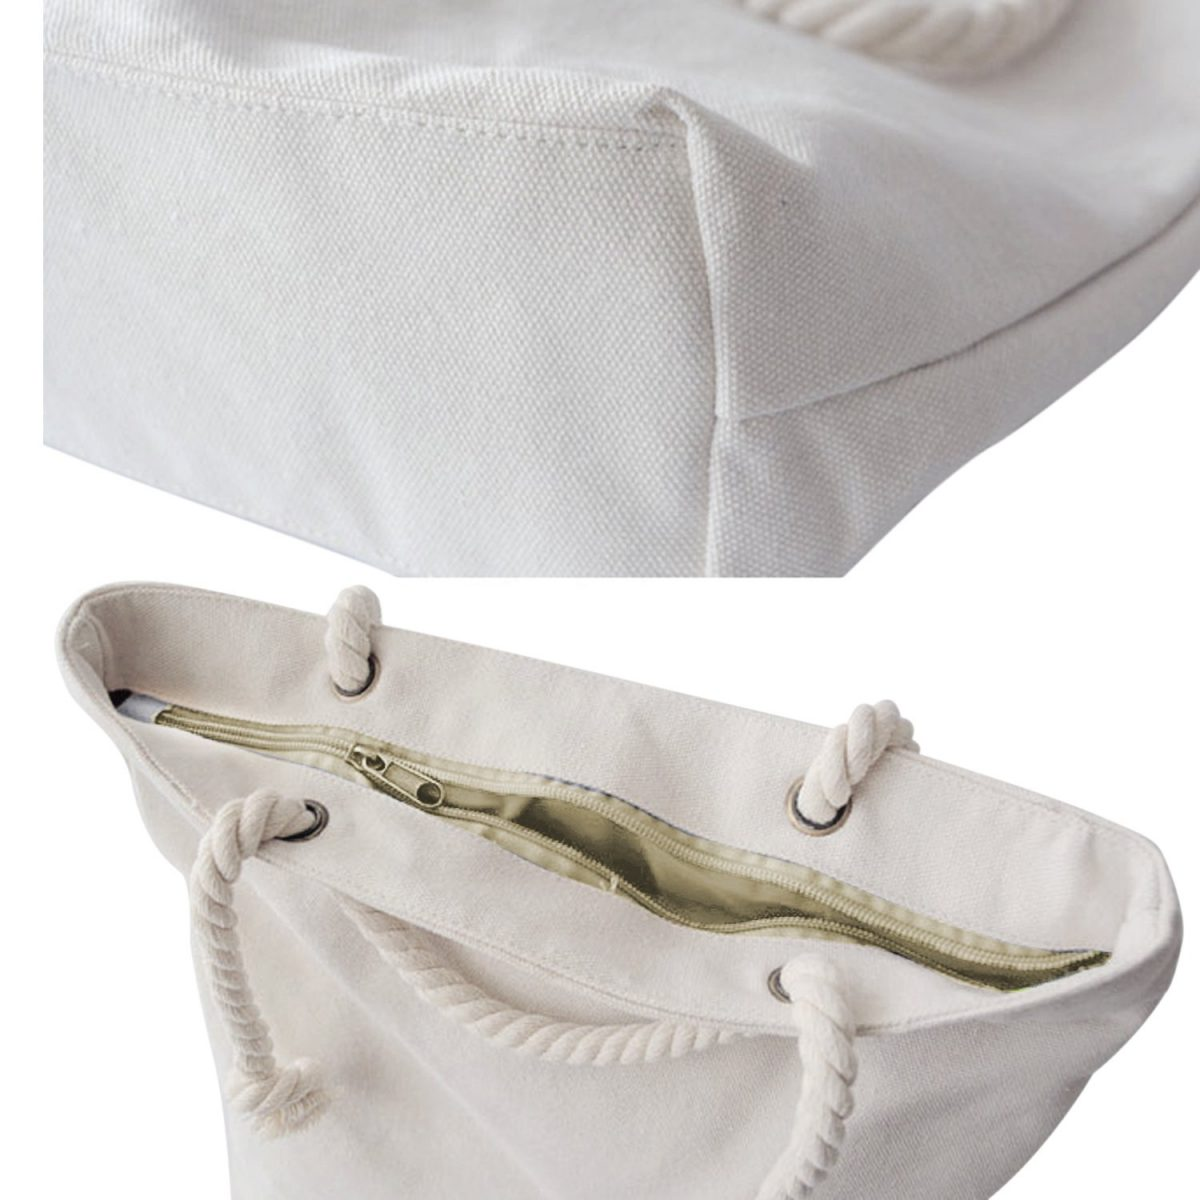 Mor Sarmaşık Desenli Dijital Baskılı Fermuarlı Kumaş Çanta Realhomes